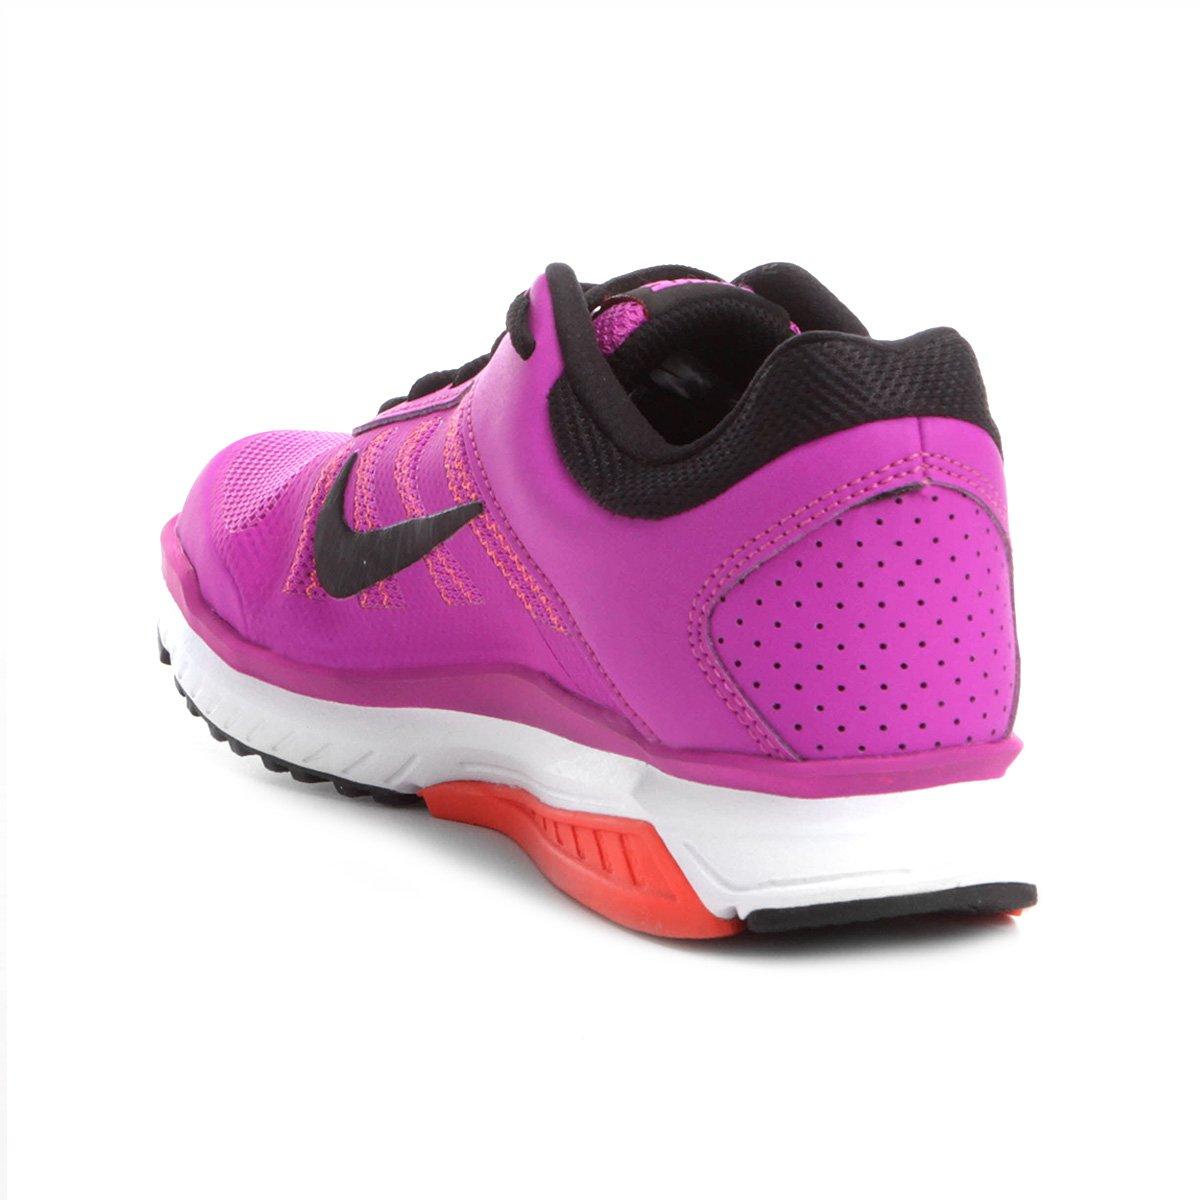 c3ed64f9b8 Tênis Nike Dart 12 MSL Feminino - Tam: 34 - Shopping TudoAzul